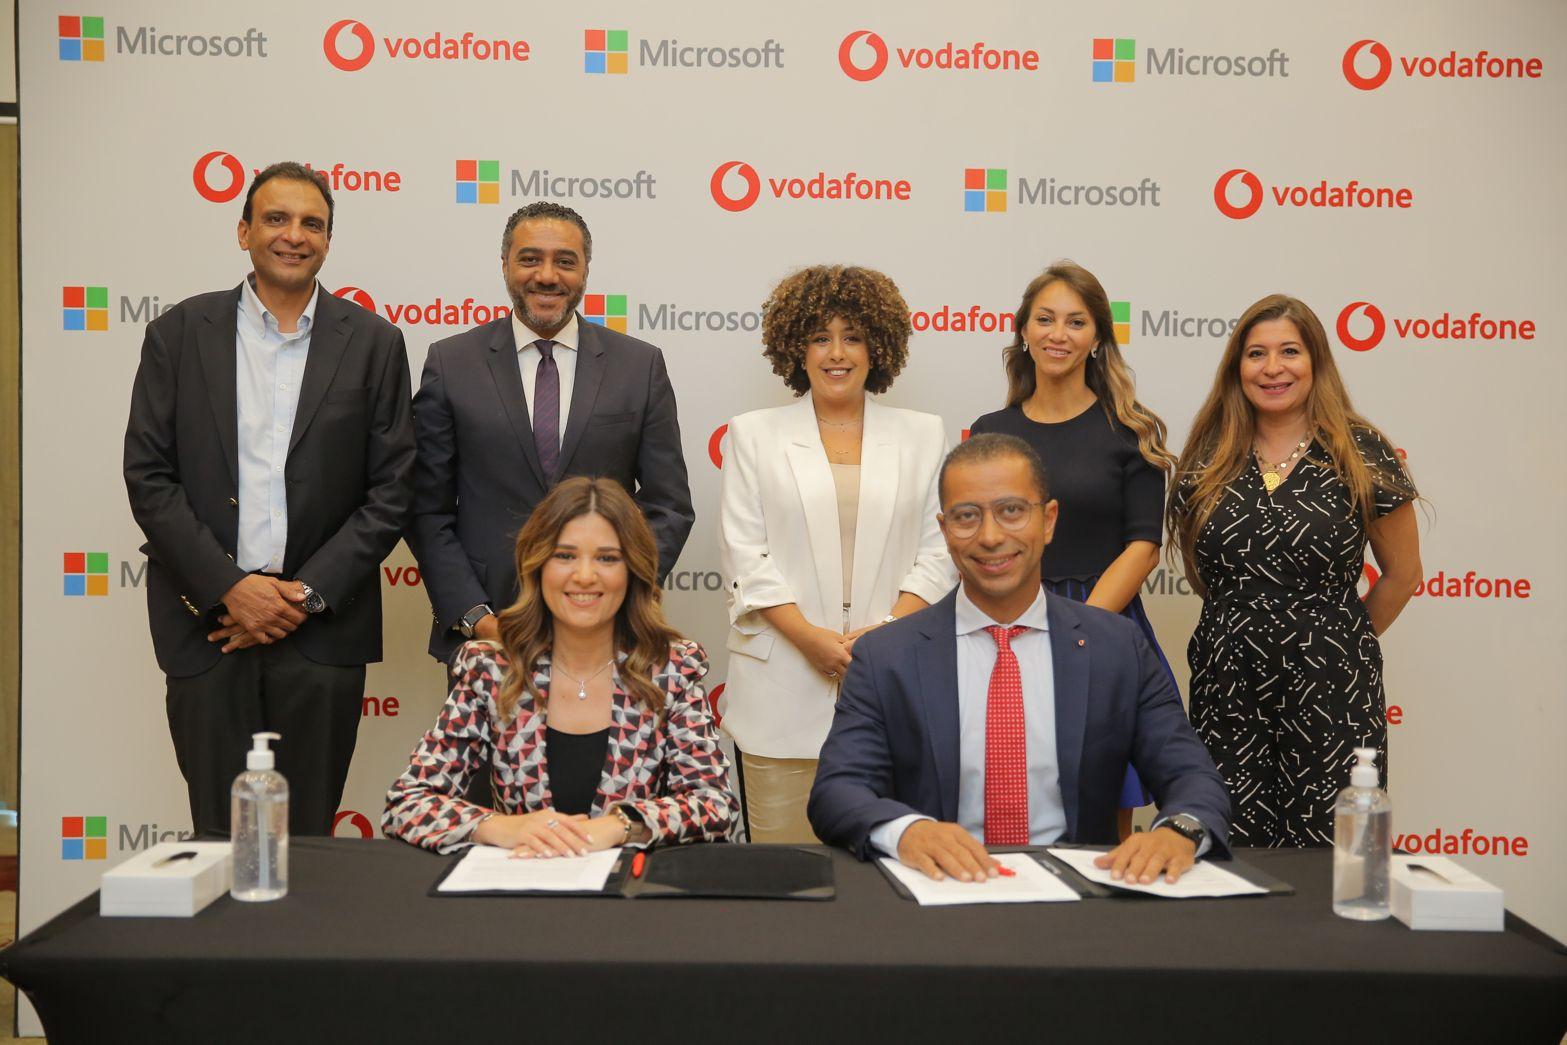 فودافون تتعاون مع مايكروسوفت لتنمية المهارات الرقمية للشباب عبر منصة «Begin»